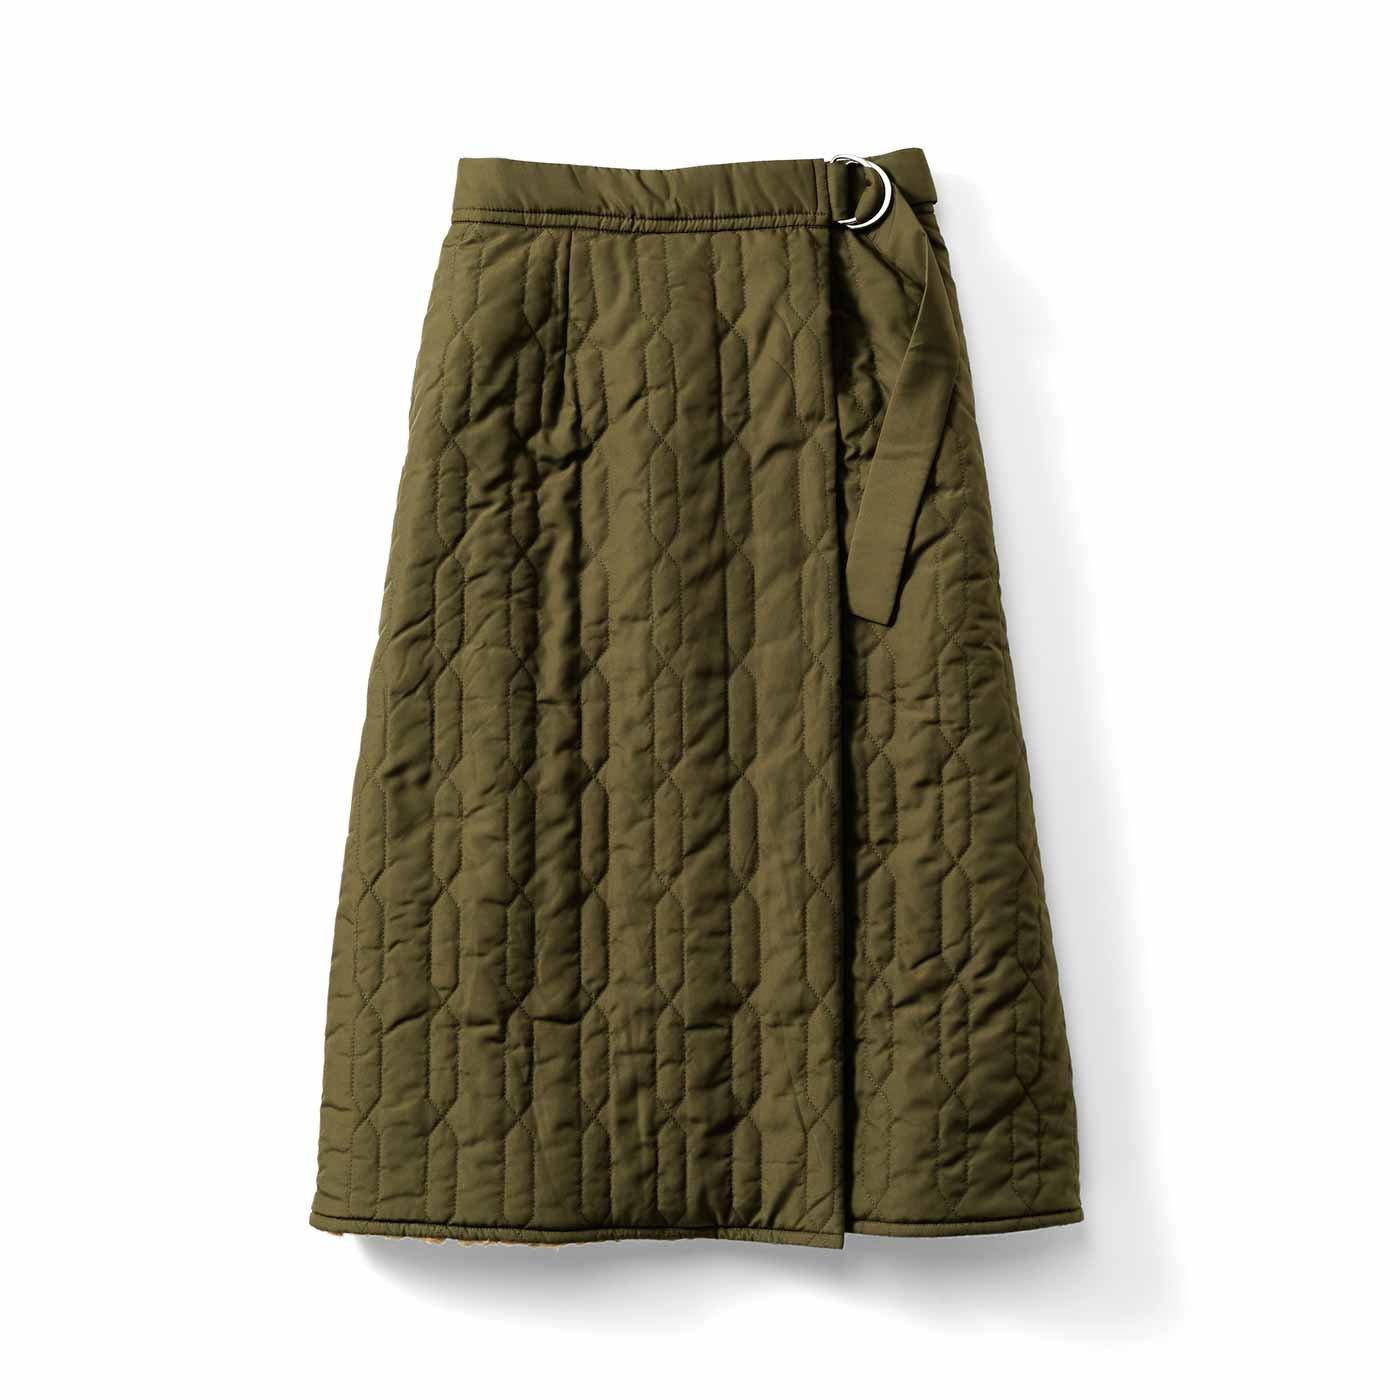 IEDIT[イディット] 裏地ボア素材であたたかい きれいめキルティングスカート〈カーキ〉